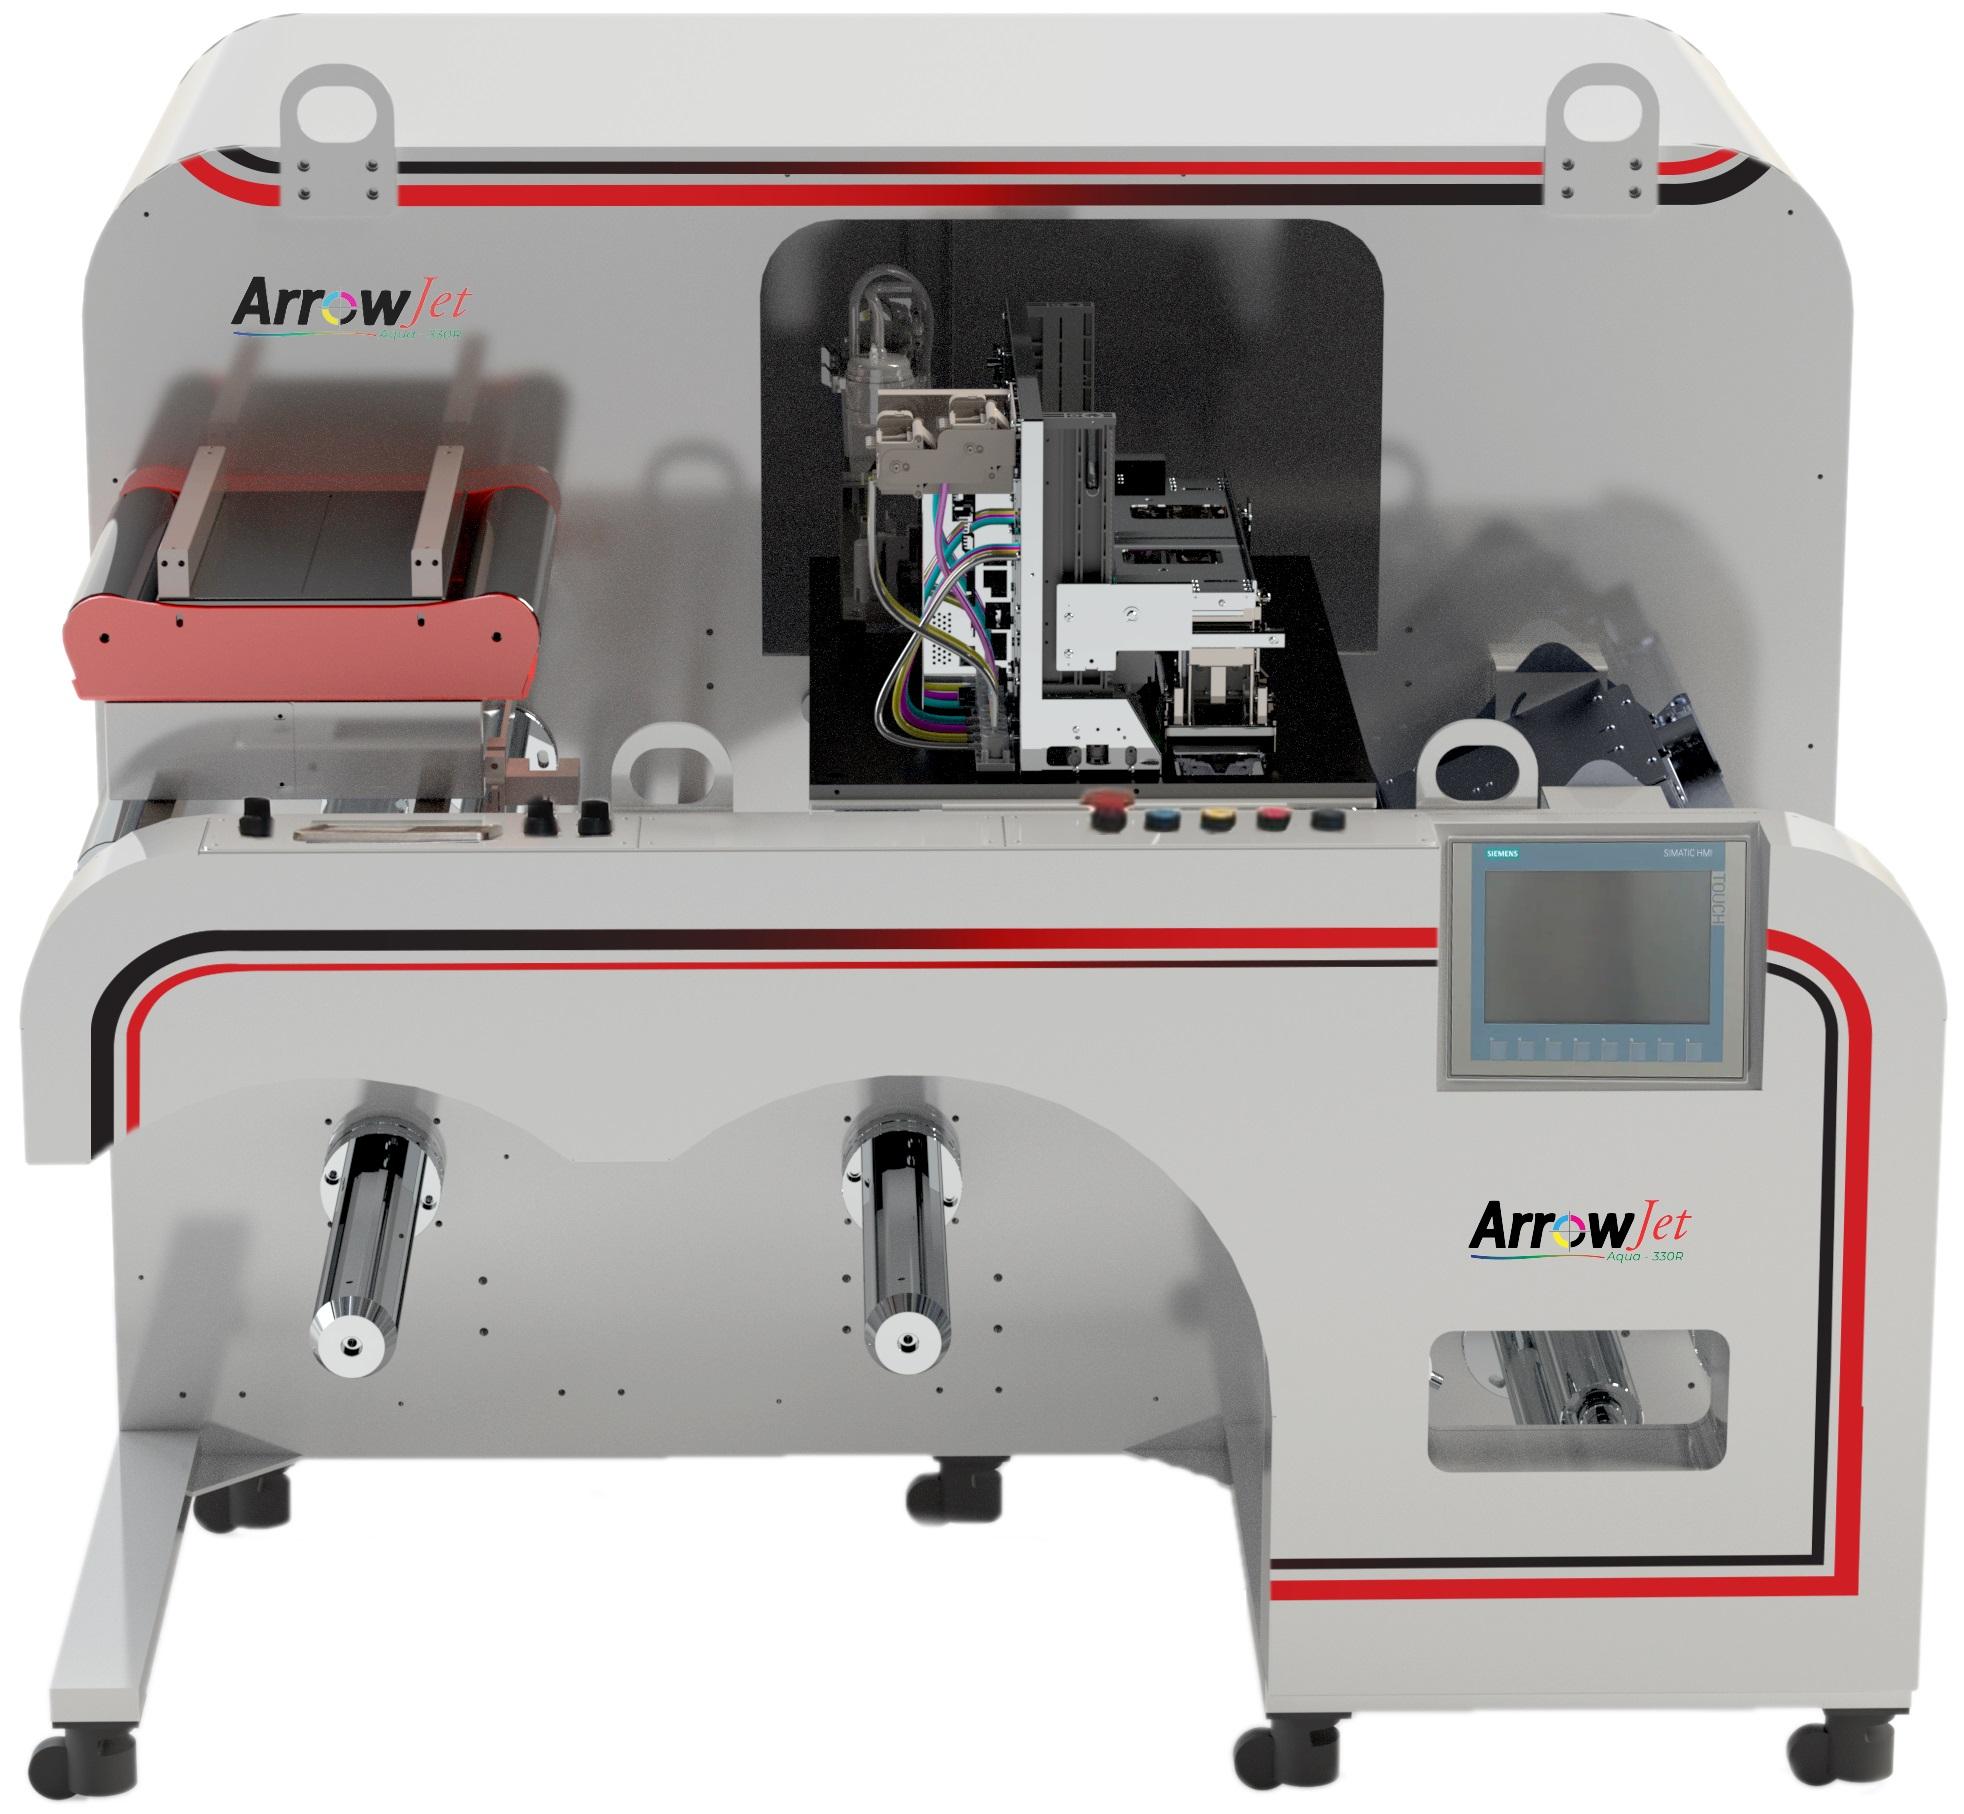 Arrow Systems Inc ArrowJet Aqua 330R